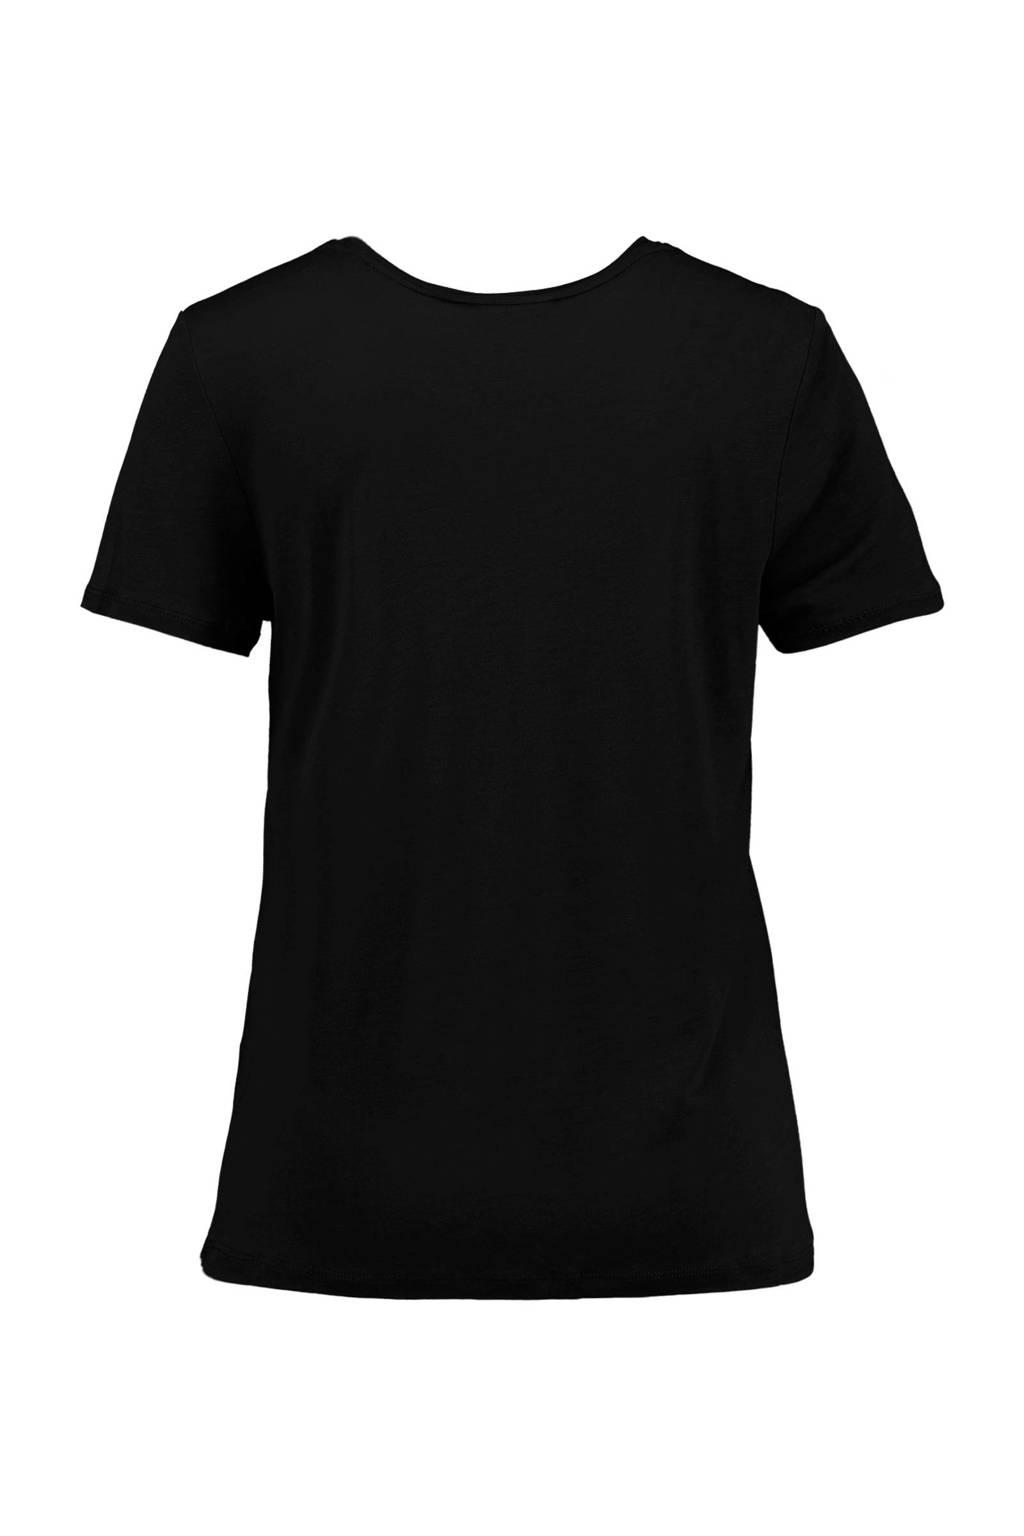 America Today T-shirt zwart, Zwart